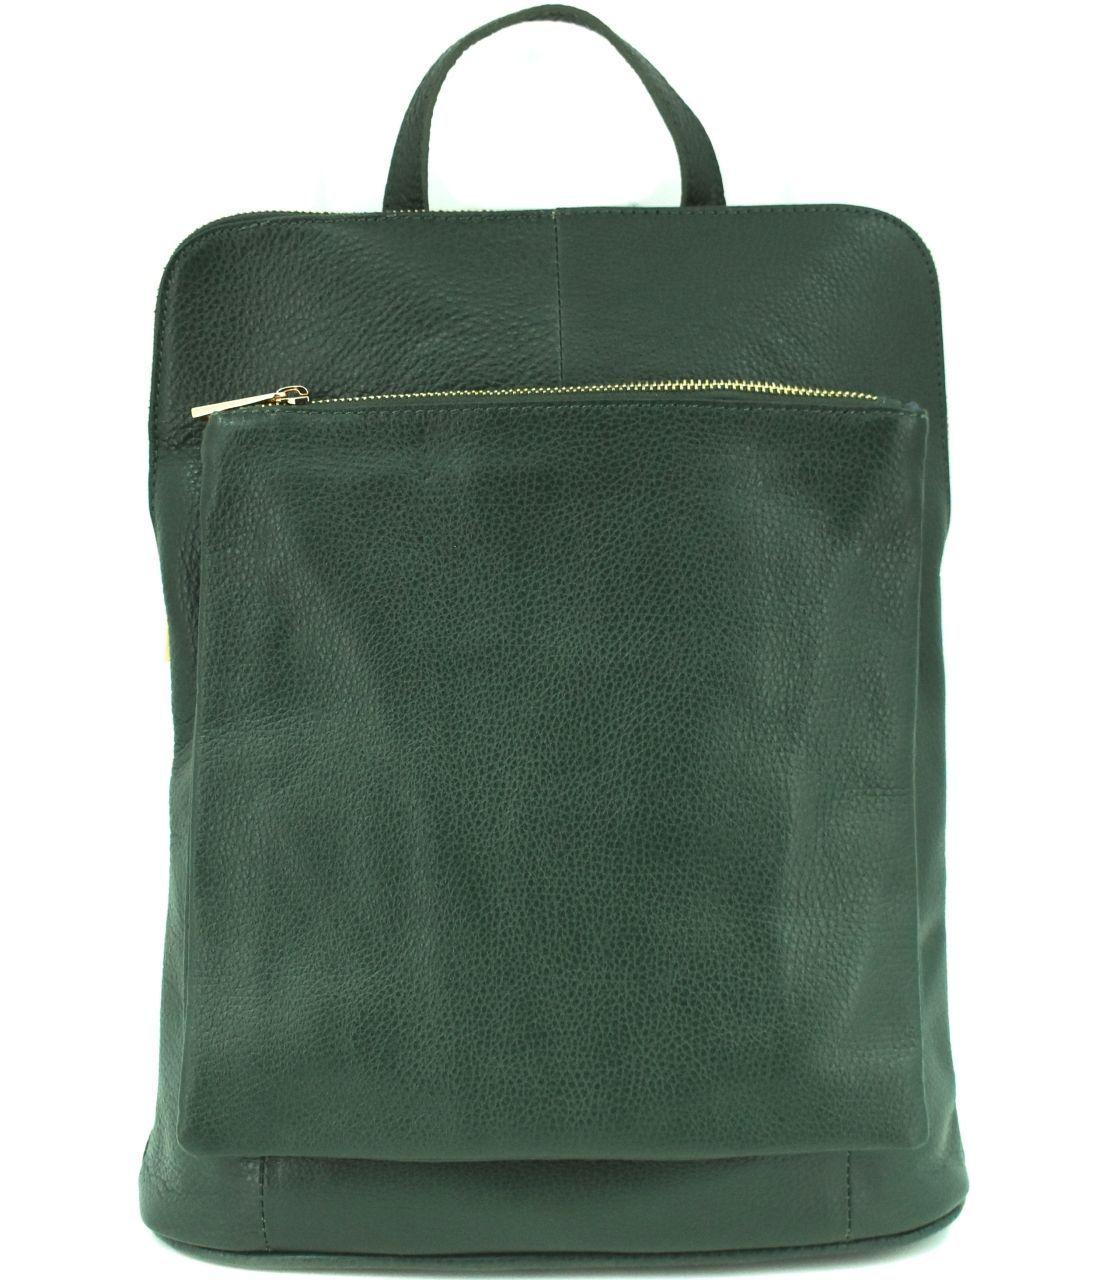 Dámský kožený batoh a kabelka v jednom / Arteddy - tmavě zelená 36933